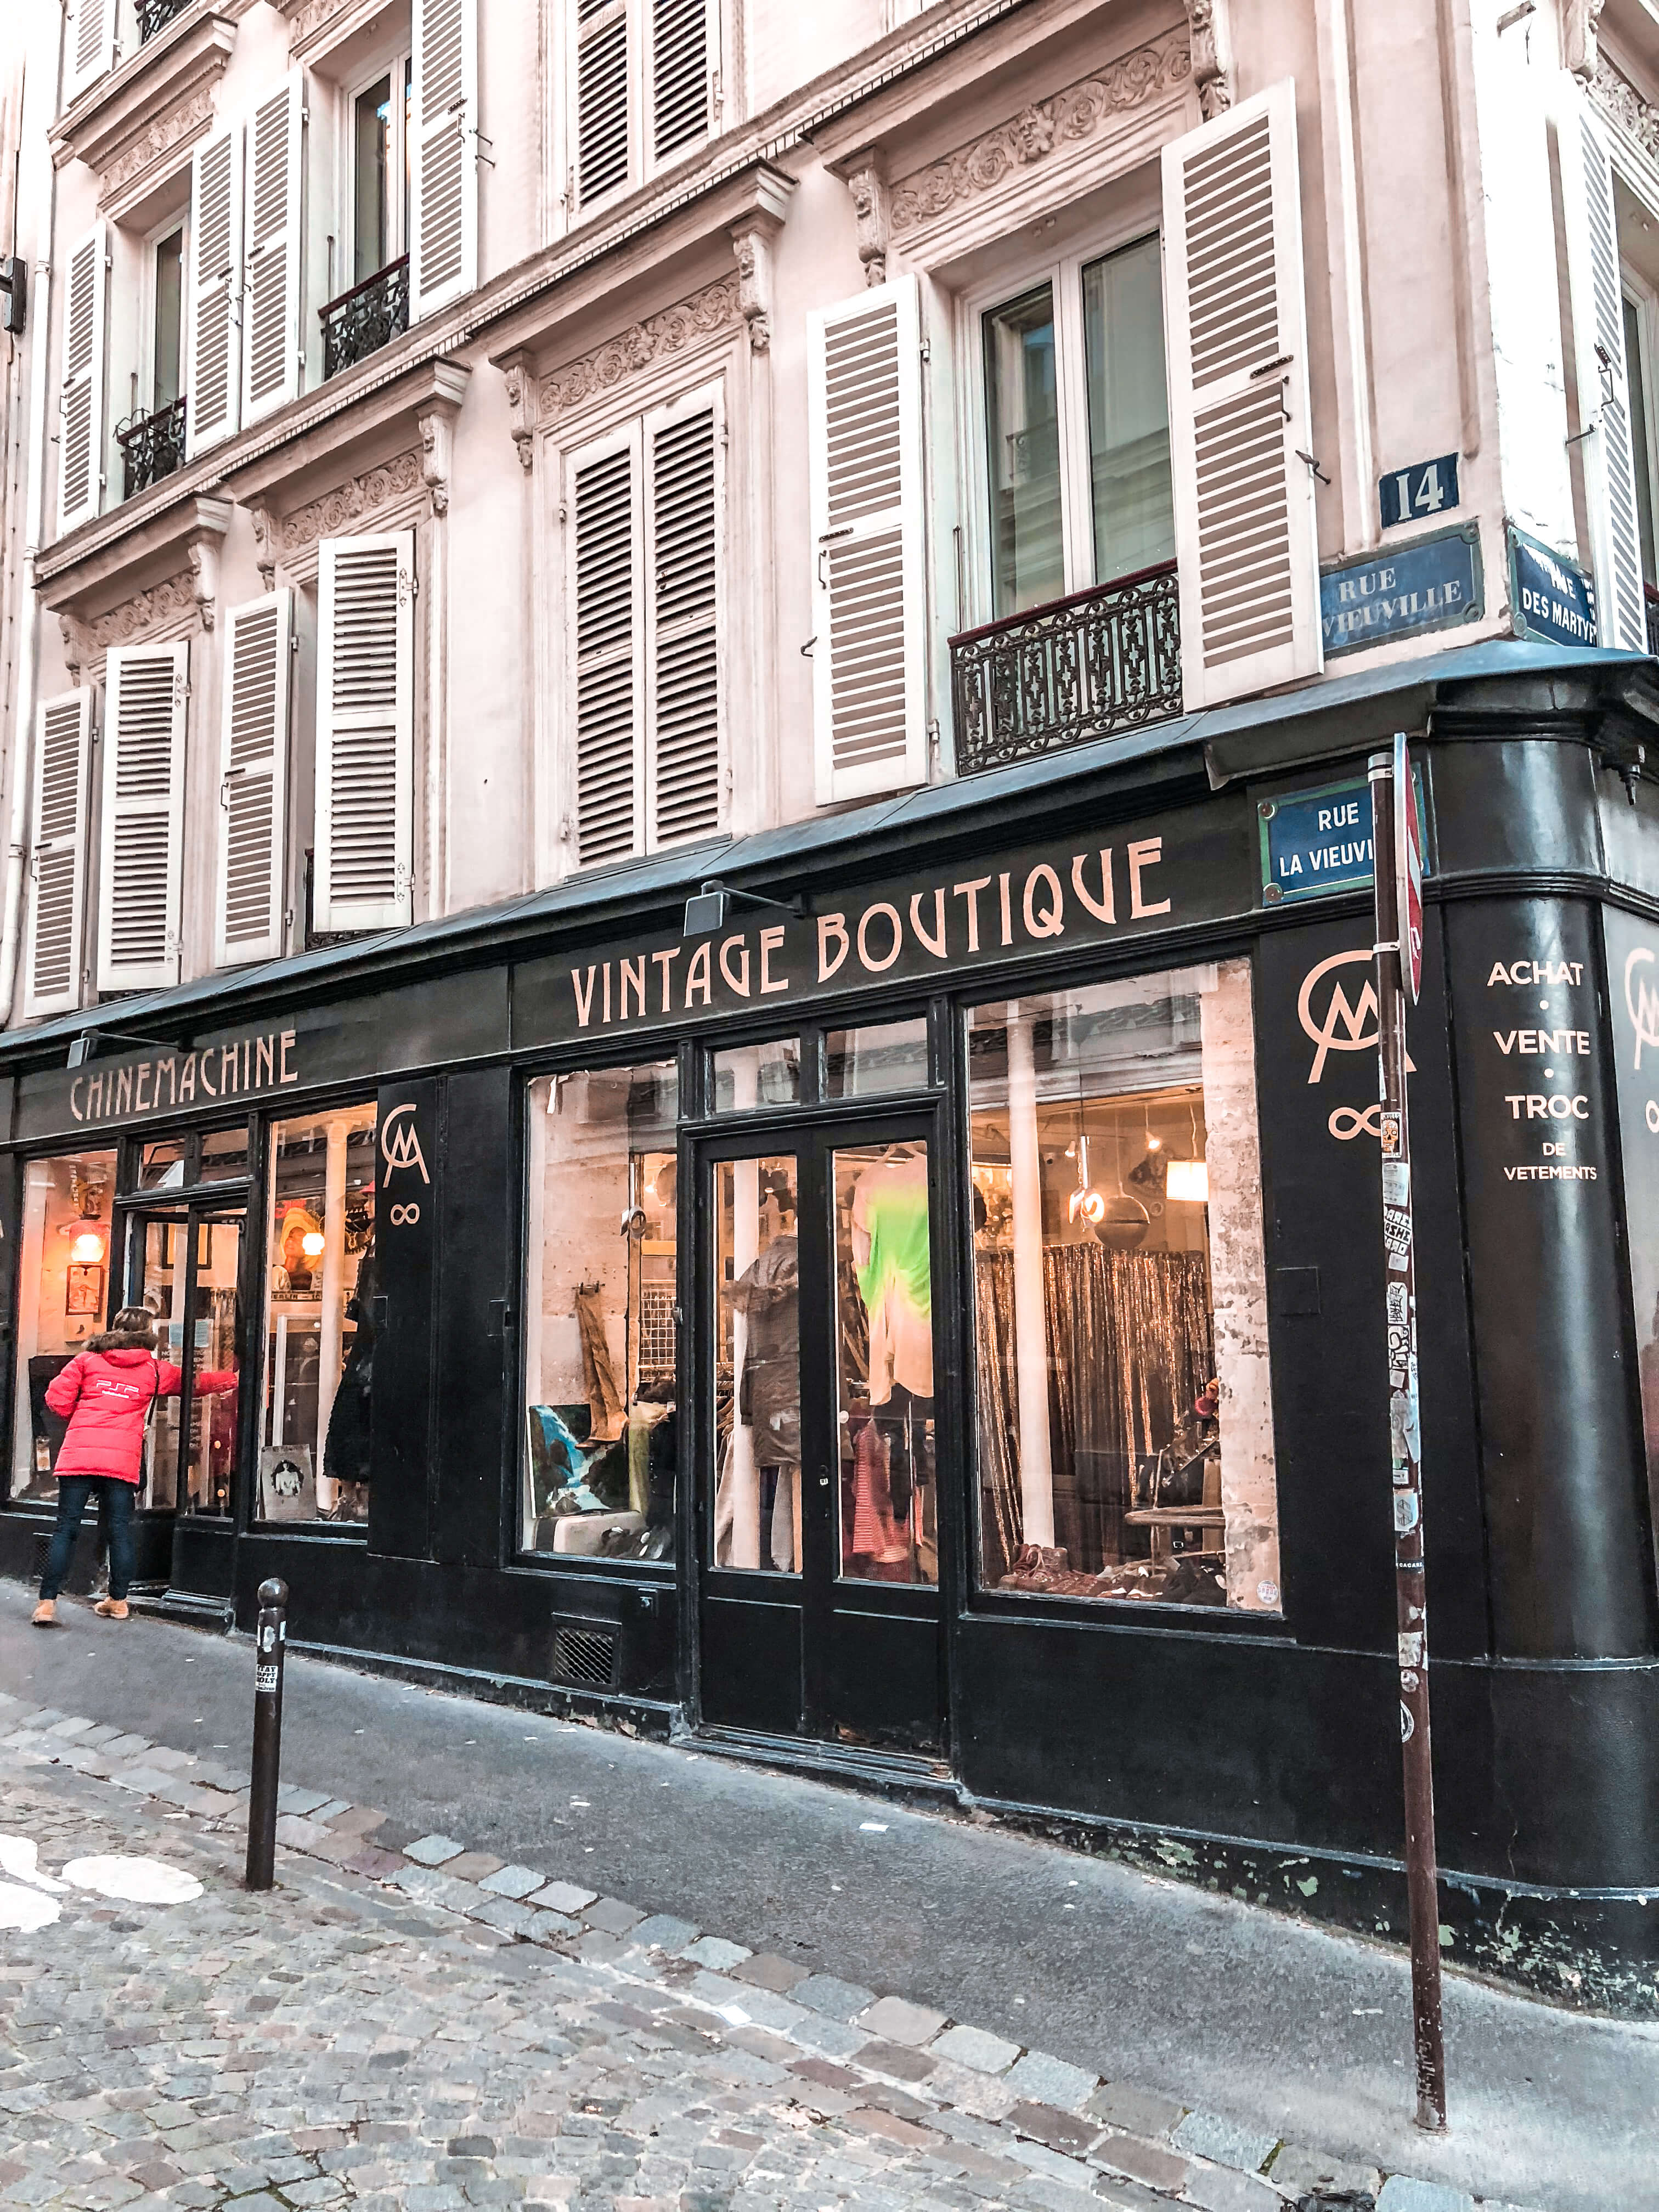 Montmartre: 5 Tipps für das wohl schönste Viertel in Paris, Chine Machine, 3